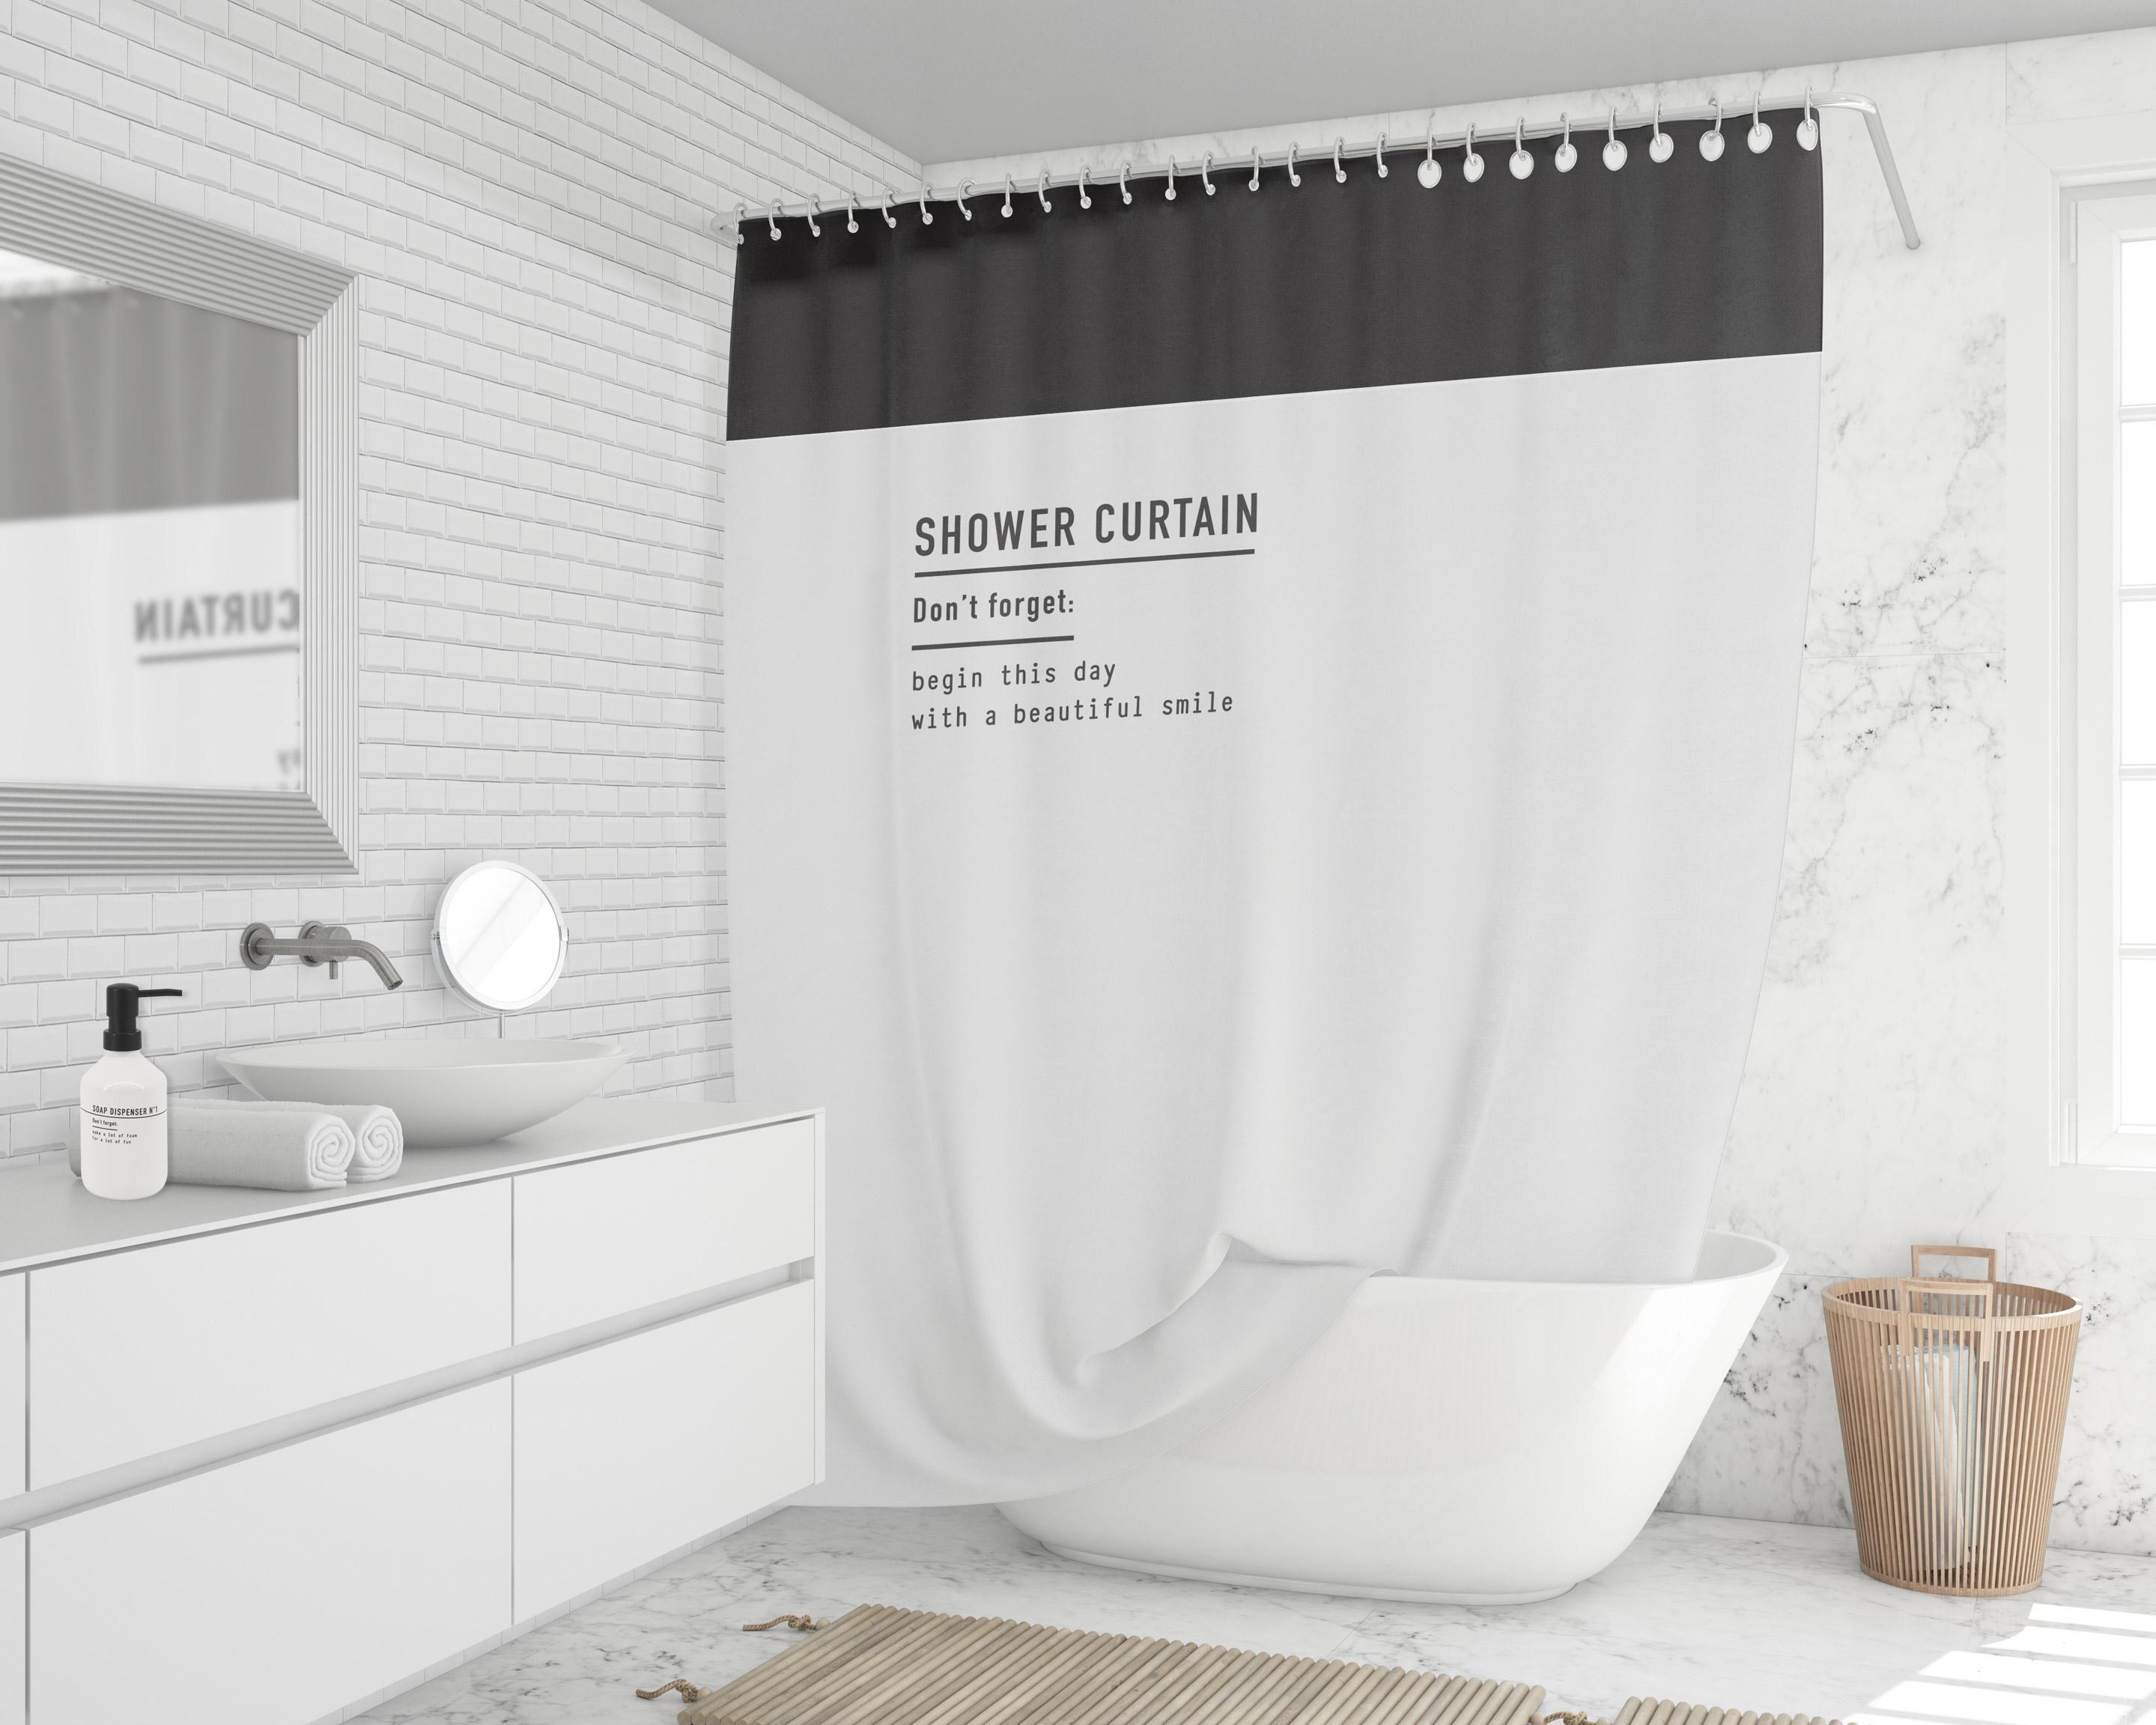 Rideau De Douche En Textile Blanc/noir L.180 X H.200 Cm pour Leroy Merlin Rideau De Douche